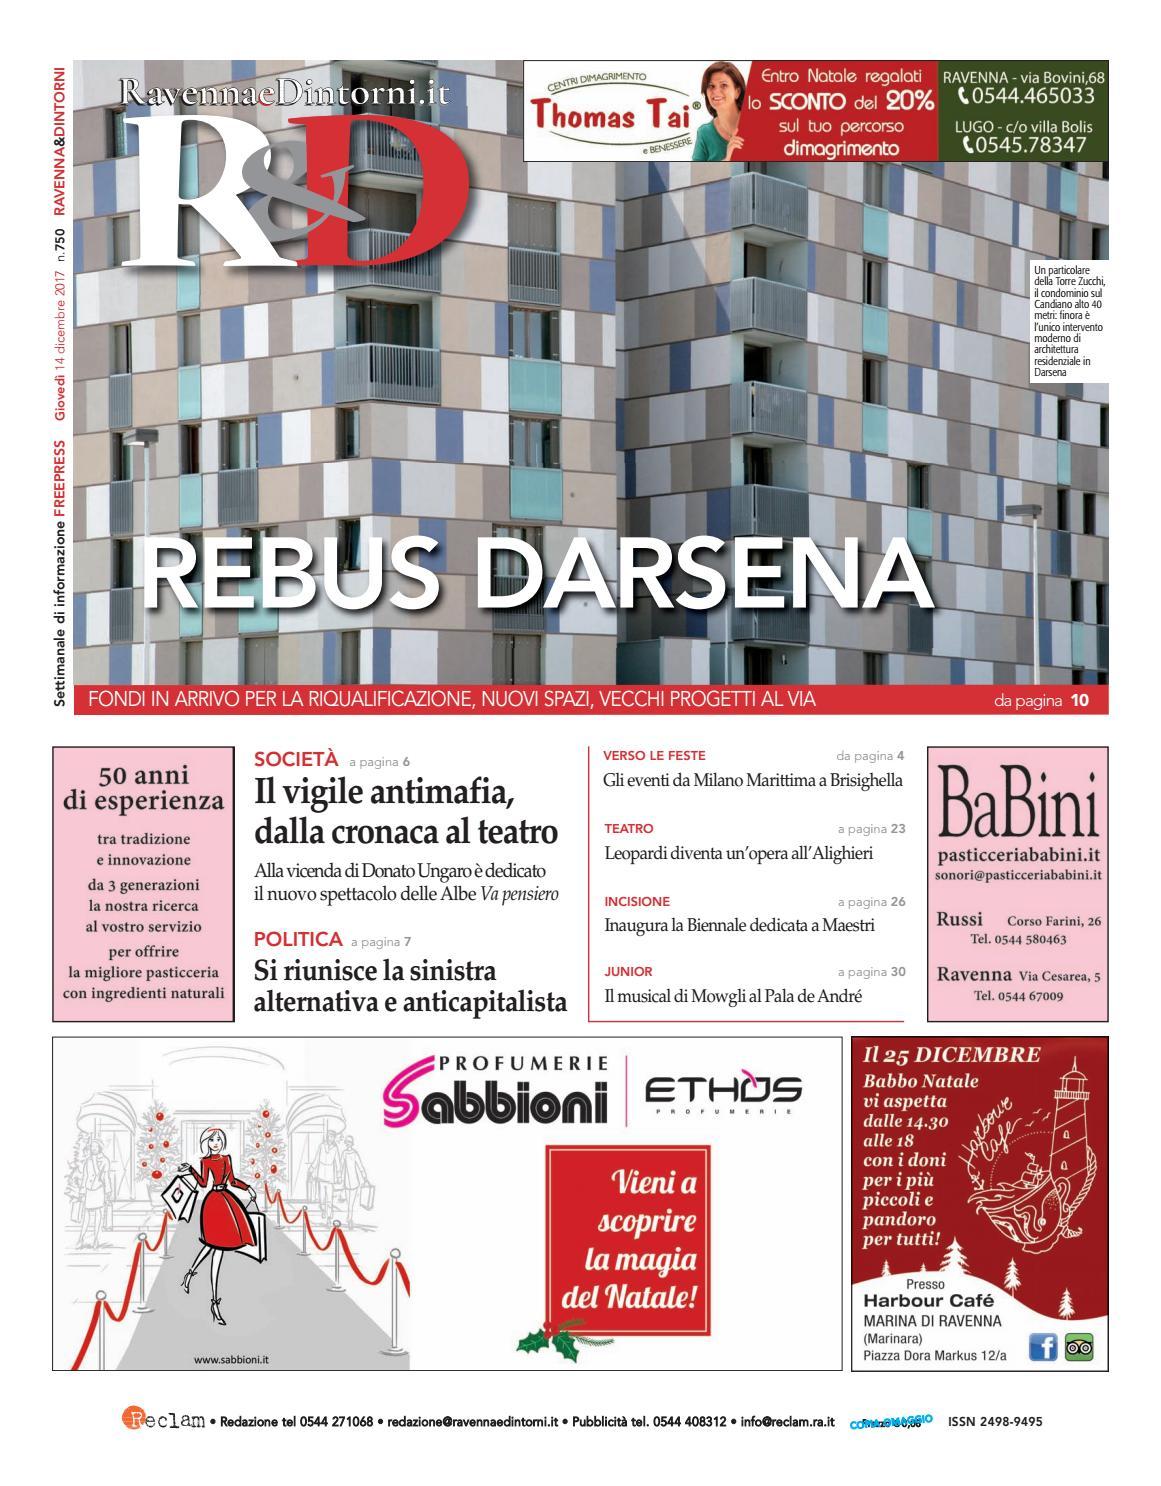 Rd 14 12 17 by Reclam Edizioni e Comunicazione - issuu ebbf480bd8de